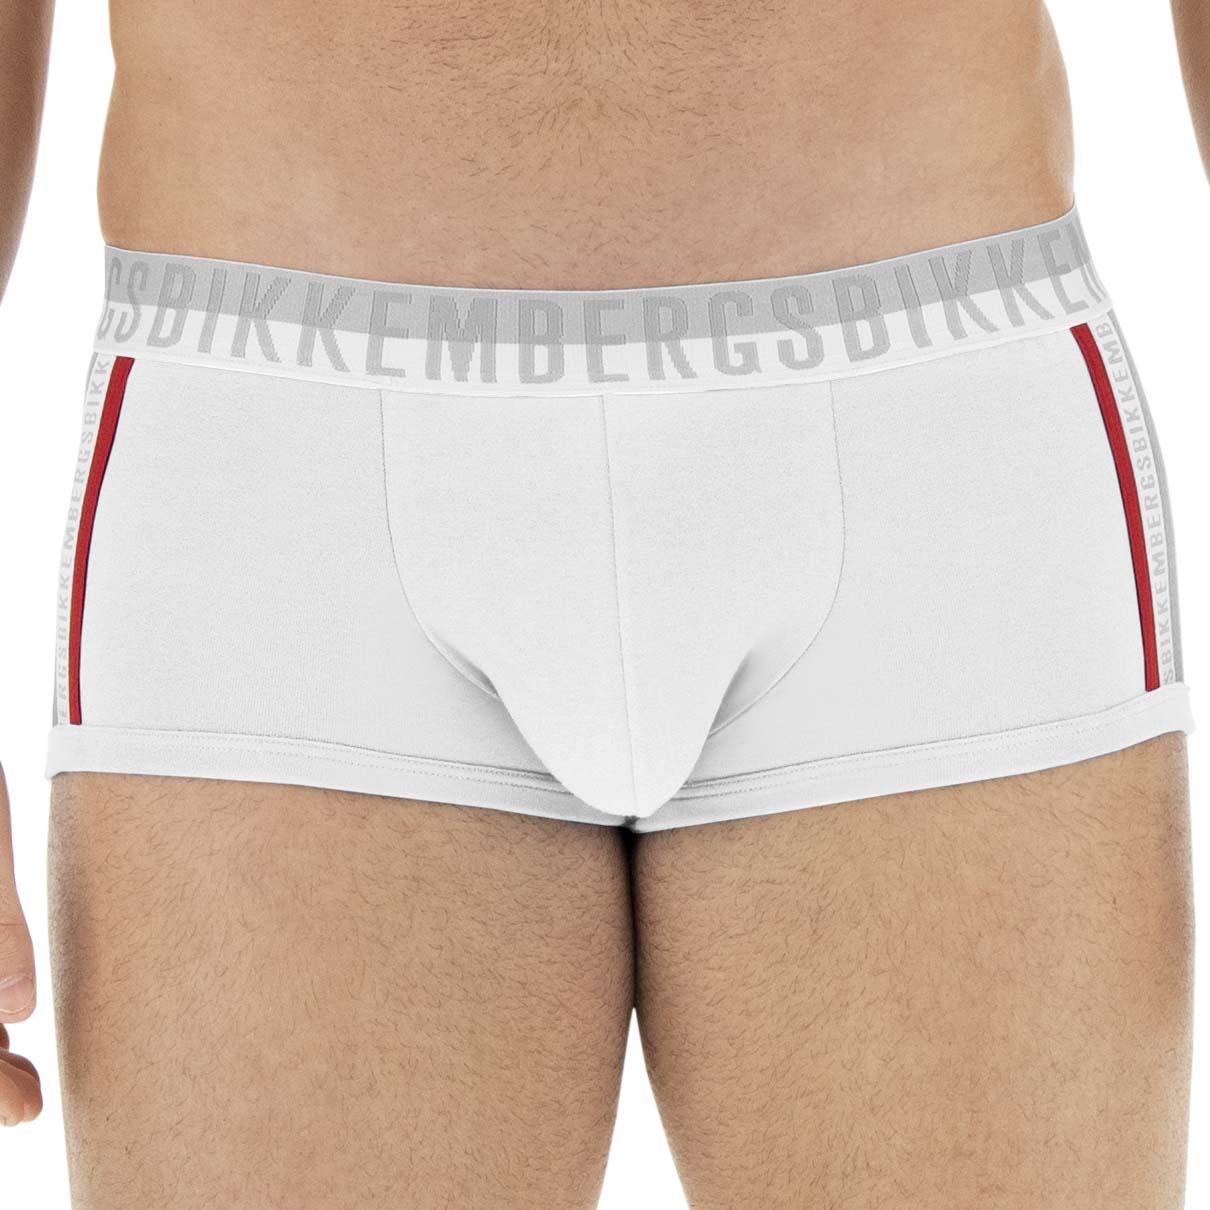 Boxer Bikkembergs VBKT04982